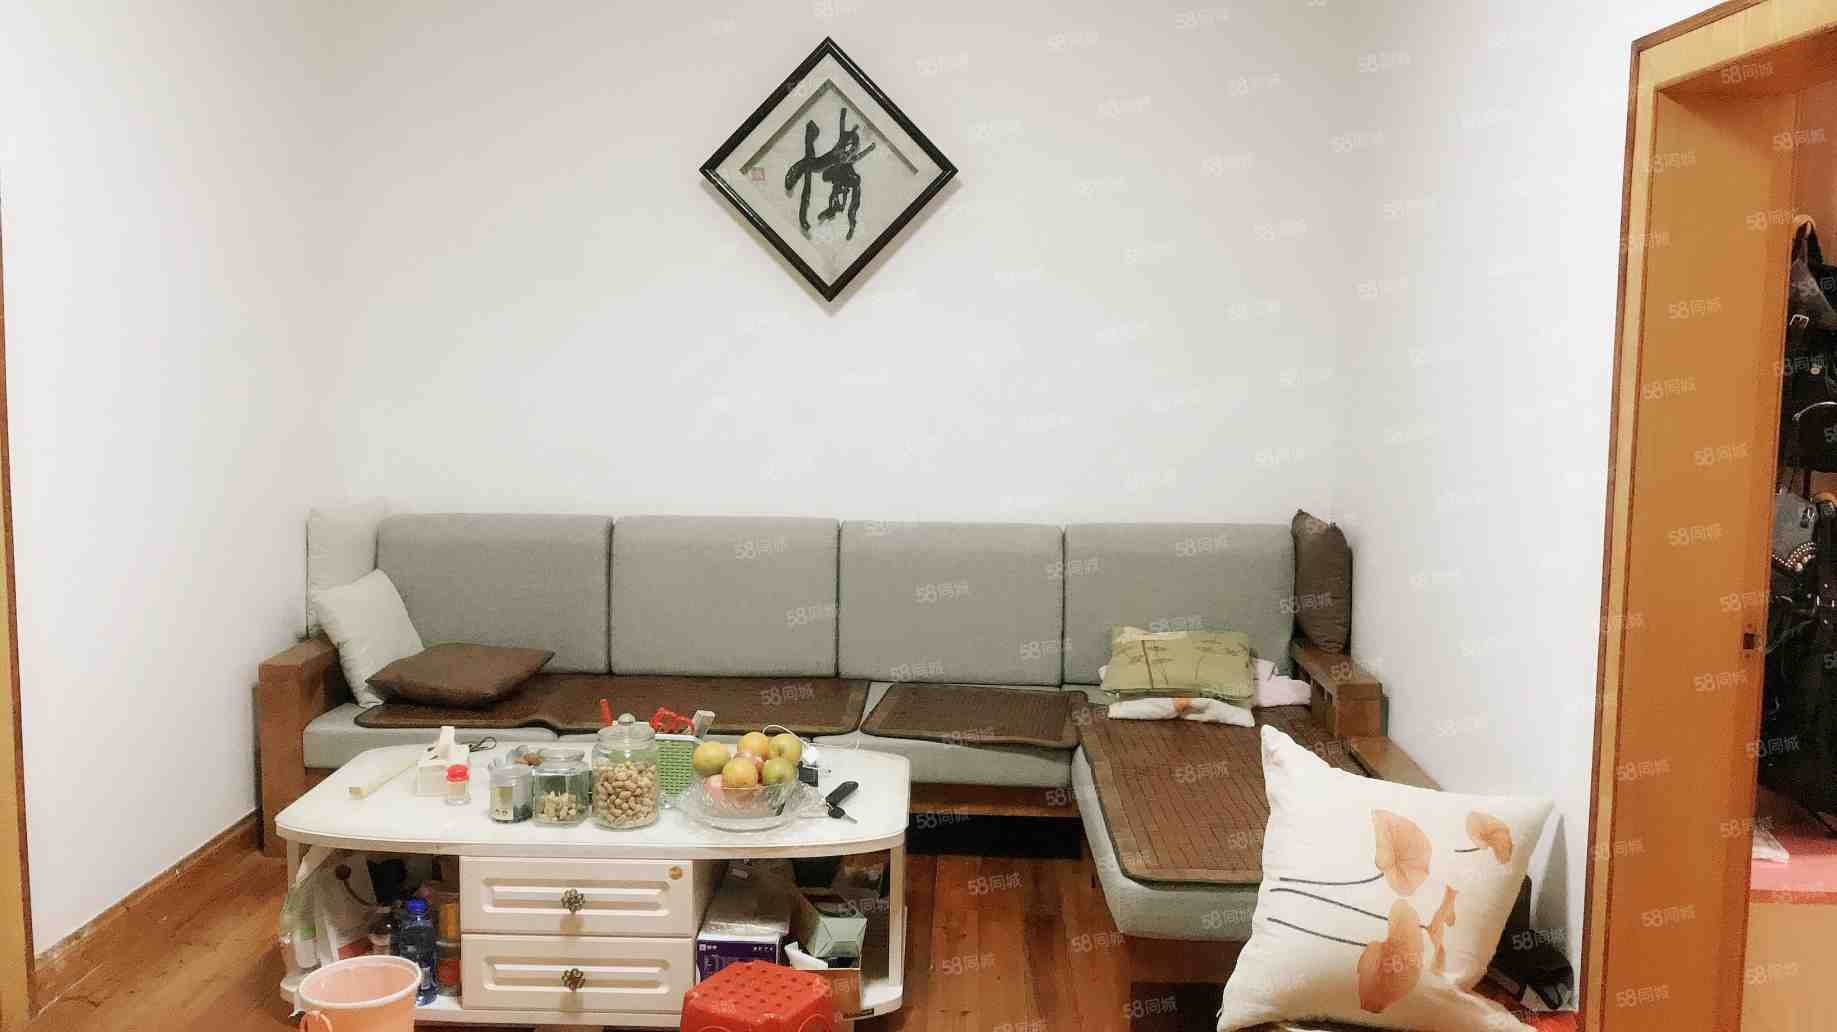 桂林冶金机械总厂宿舍2室1厅1卫